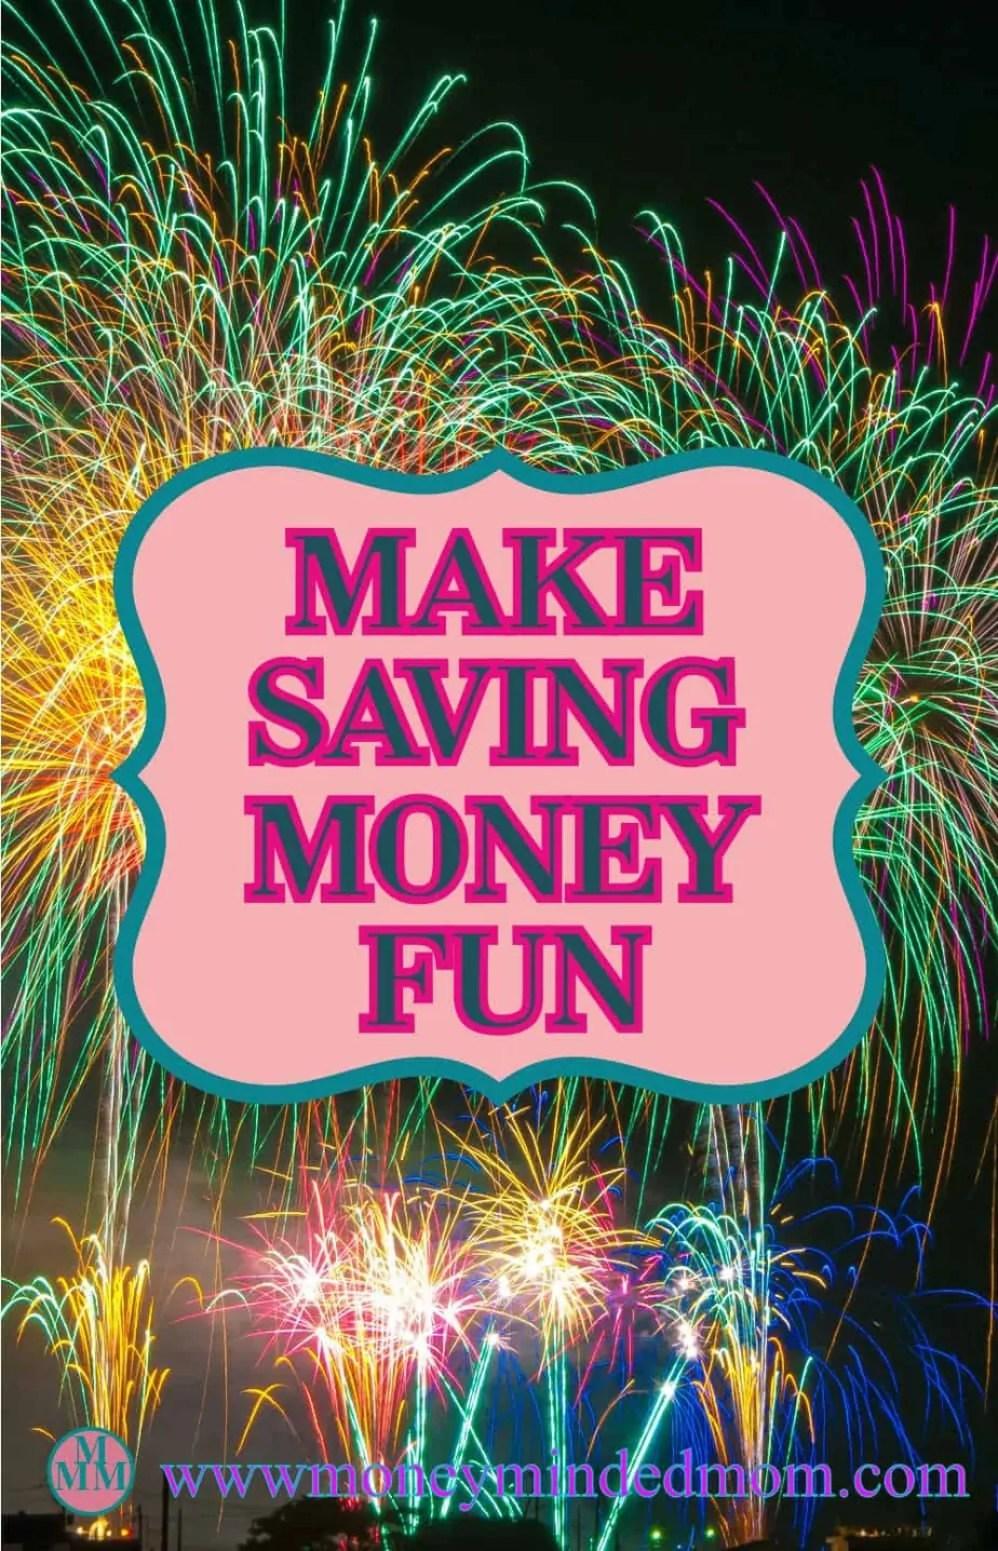 Make Saving Money Fun